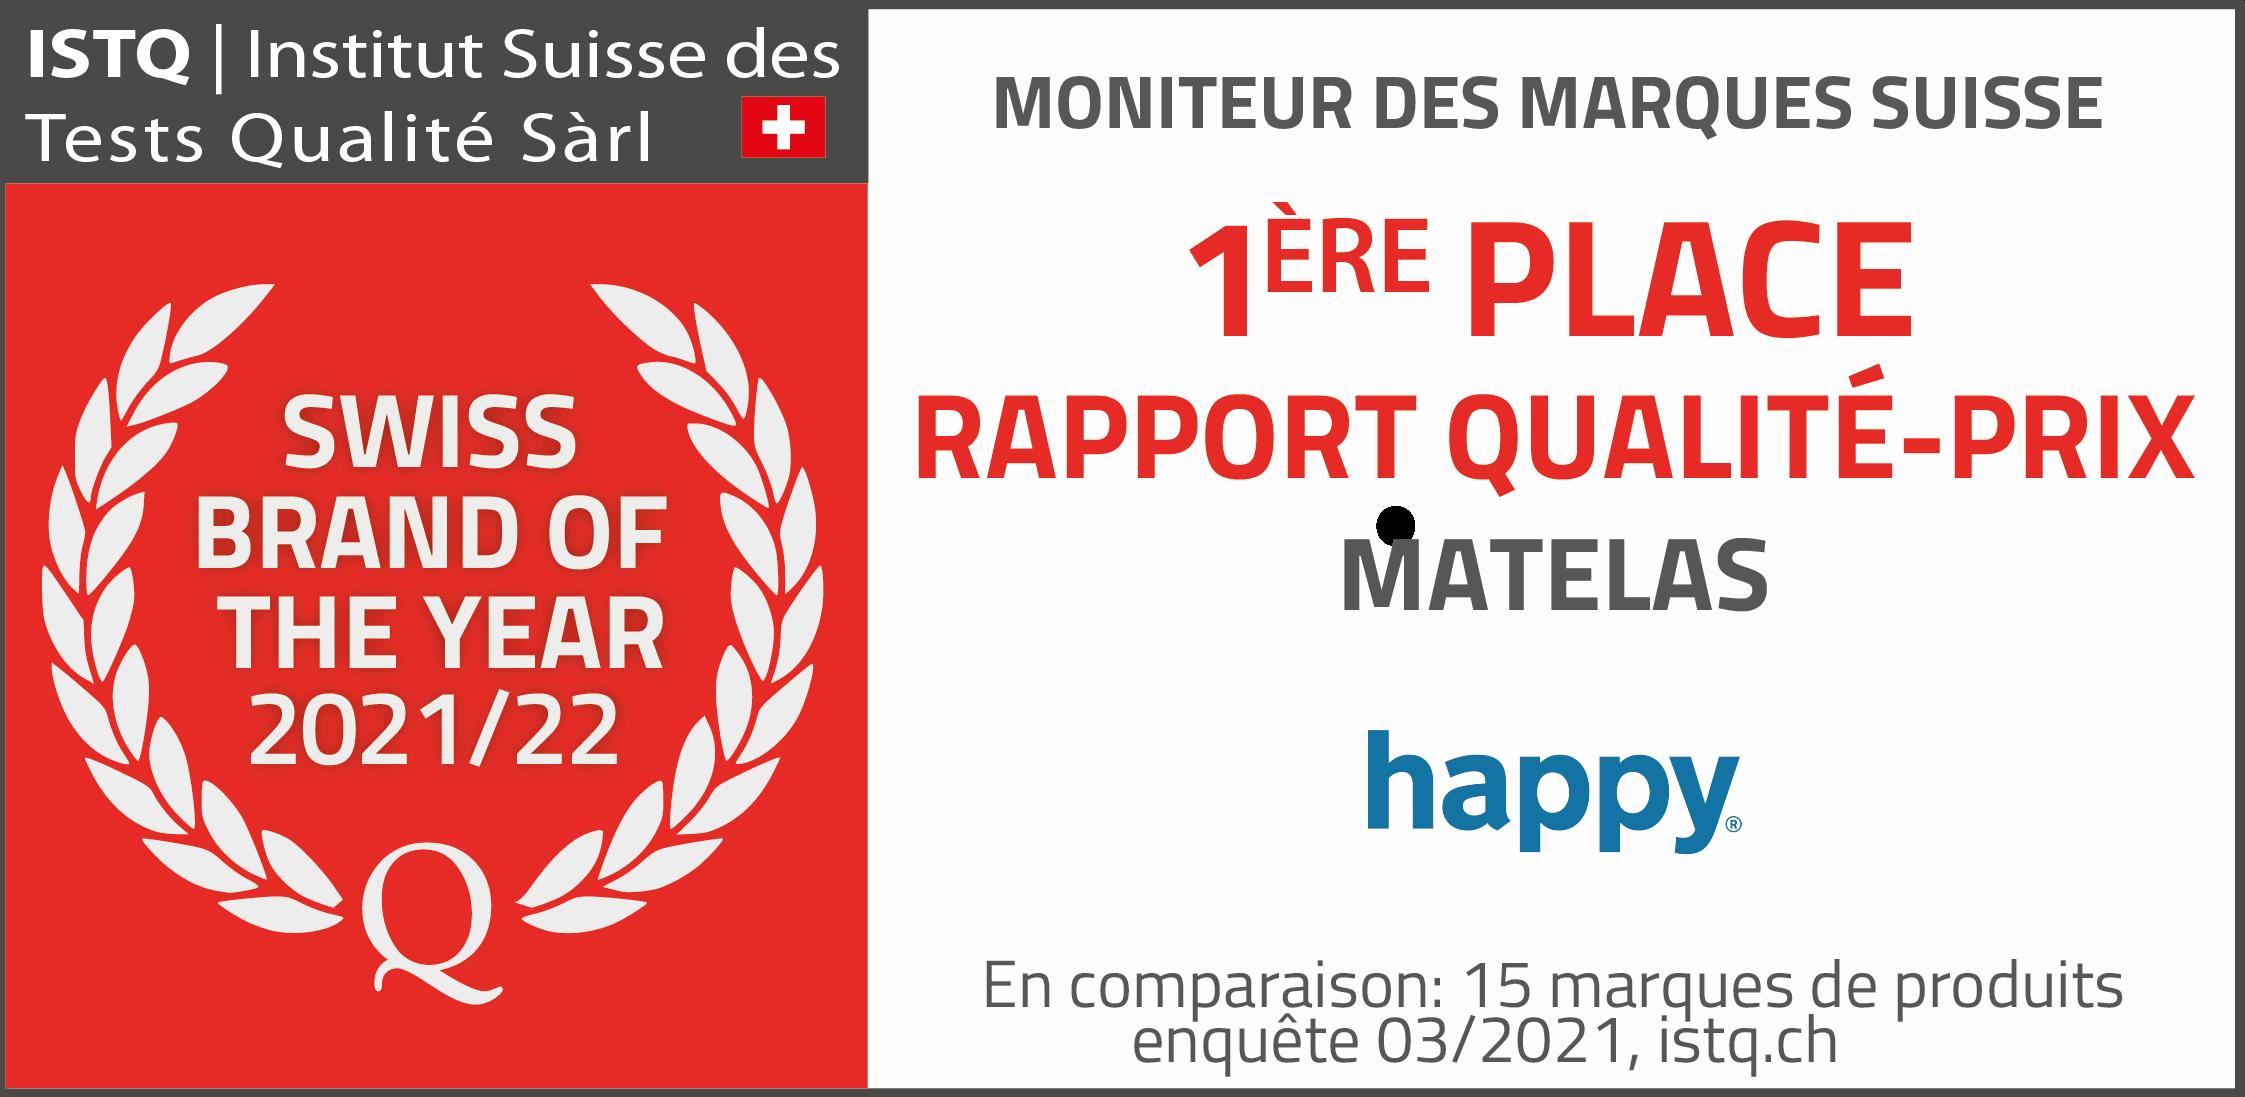 happy 1ère place rapport qualité-prix